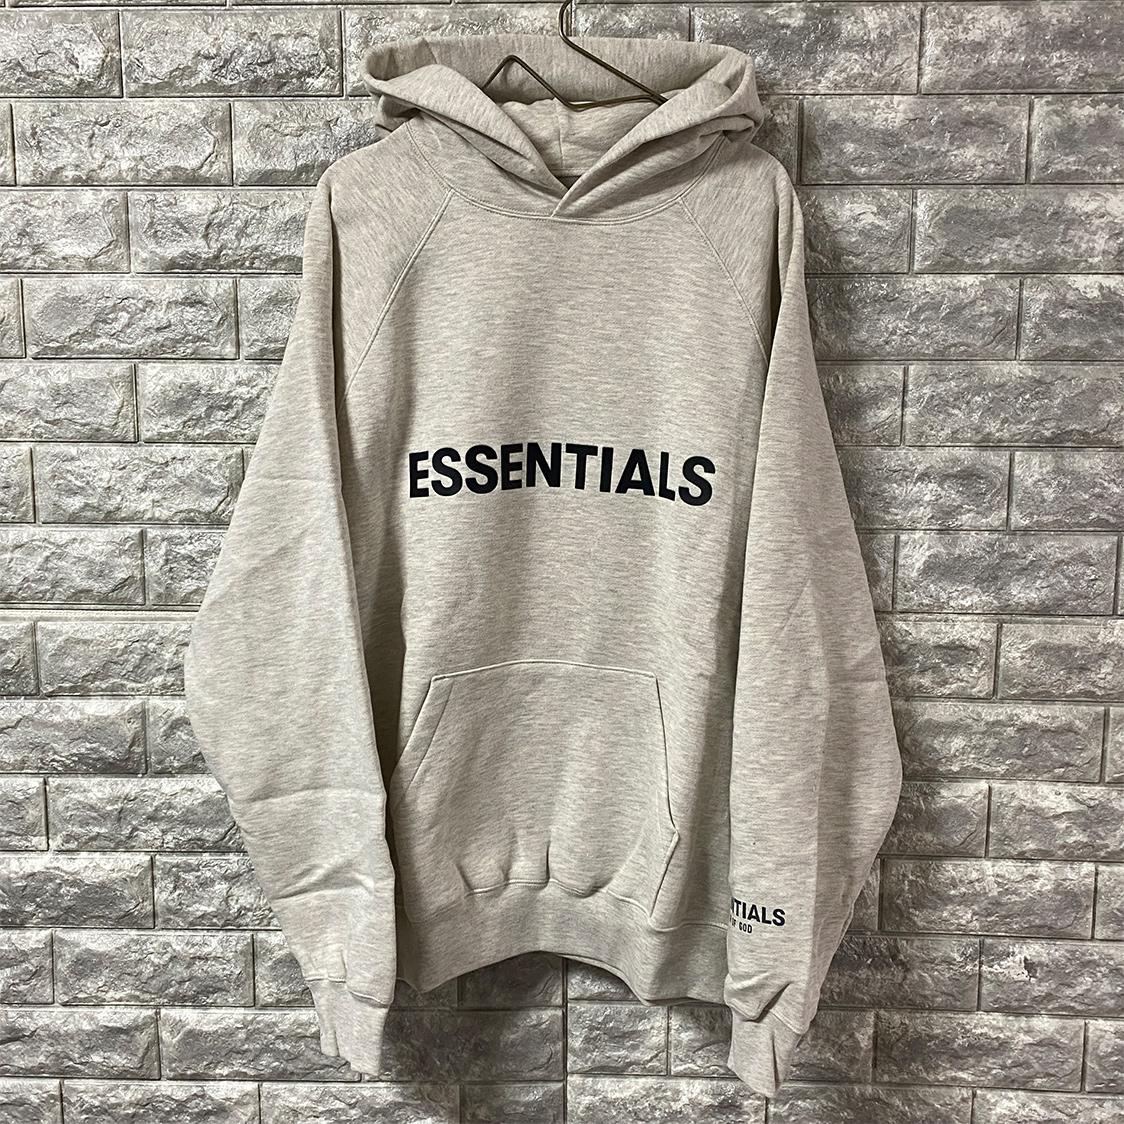 新品 FOG Fear Of God Essentials フェアオブゴッド エッセンシャルズ 【Mサイズ】 LOGO パーカー フーディ エッセンシャル オートミール OATMEAL フォグ【ジェリーロレンゾ着】